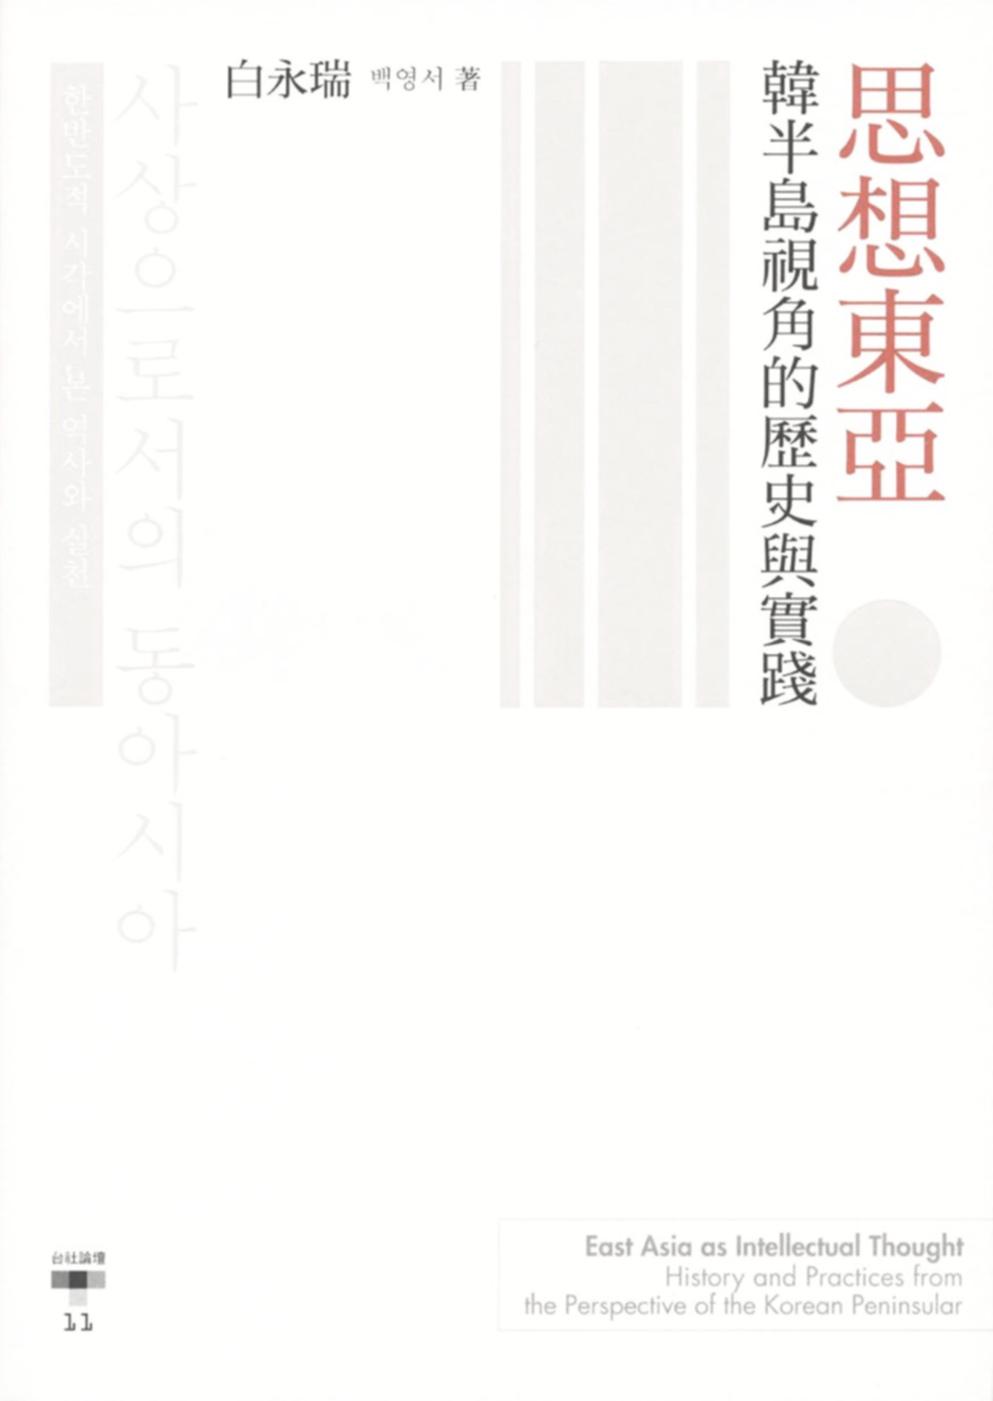 思想東亞 :韓半島視角的歷史與實踐(另開視窗)